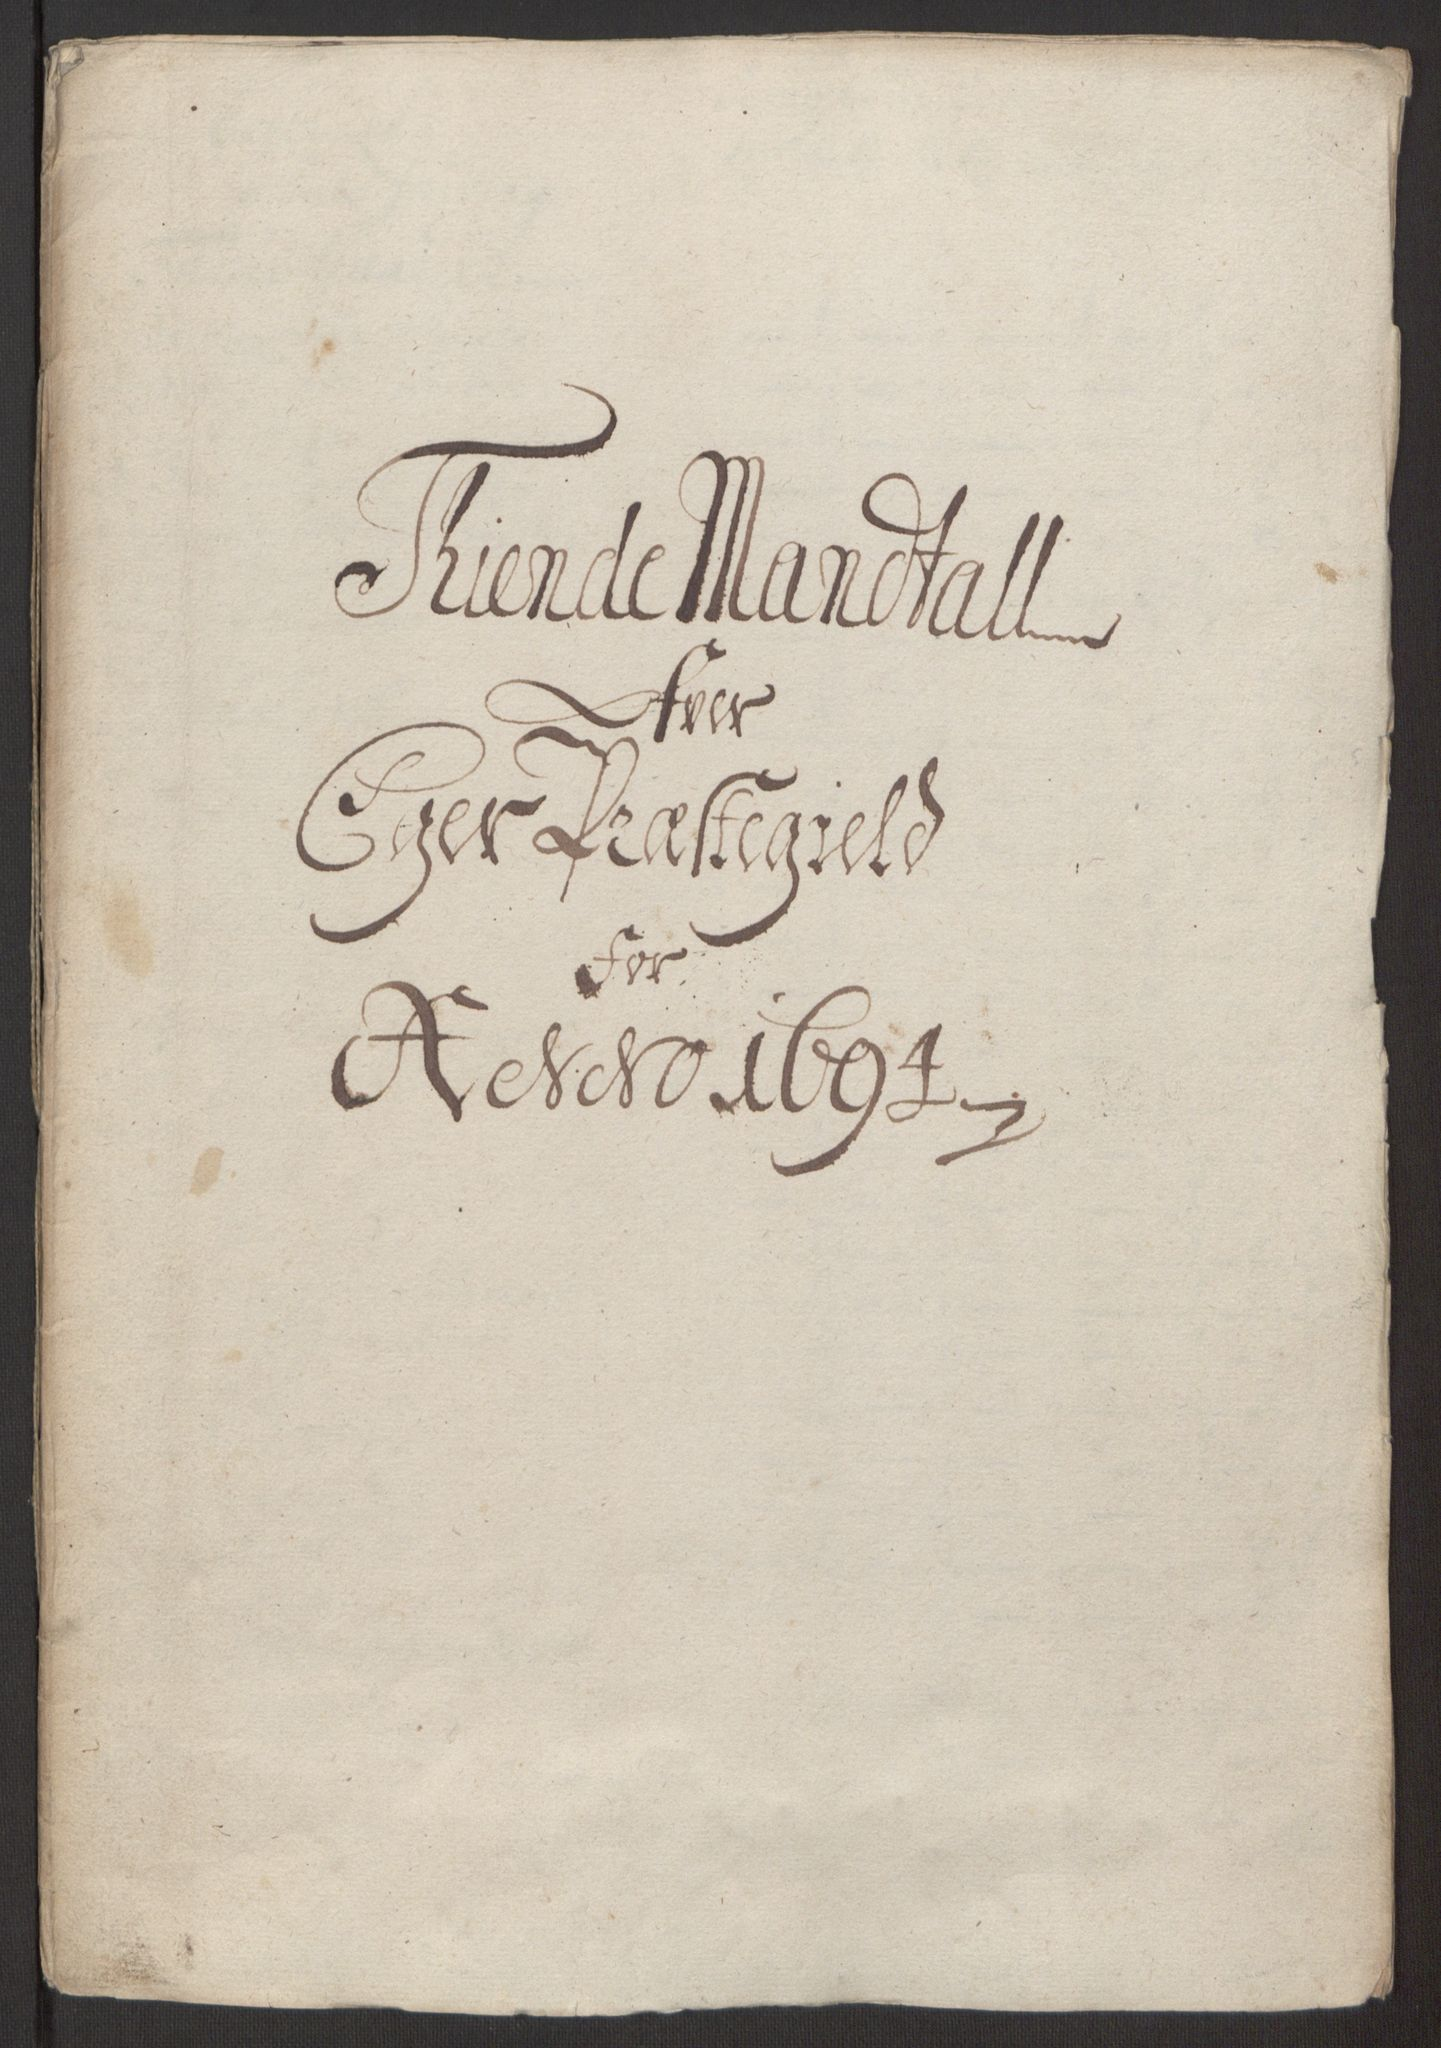 RA, Rentekammeret inntil 1814, Reviderte regnskaper, Fogderegnskap, R30/L1694: Fogderegnskap Hurum, Røyken, Eiker og Lier, 1694-1696, s. 19